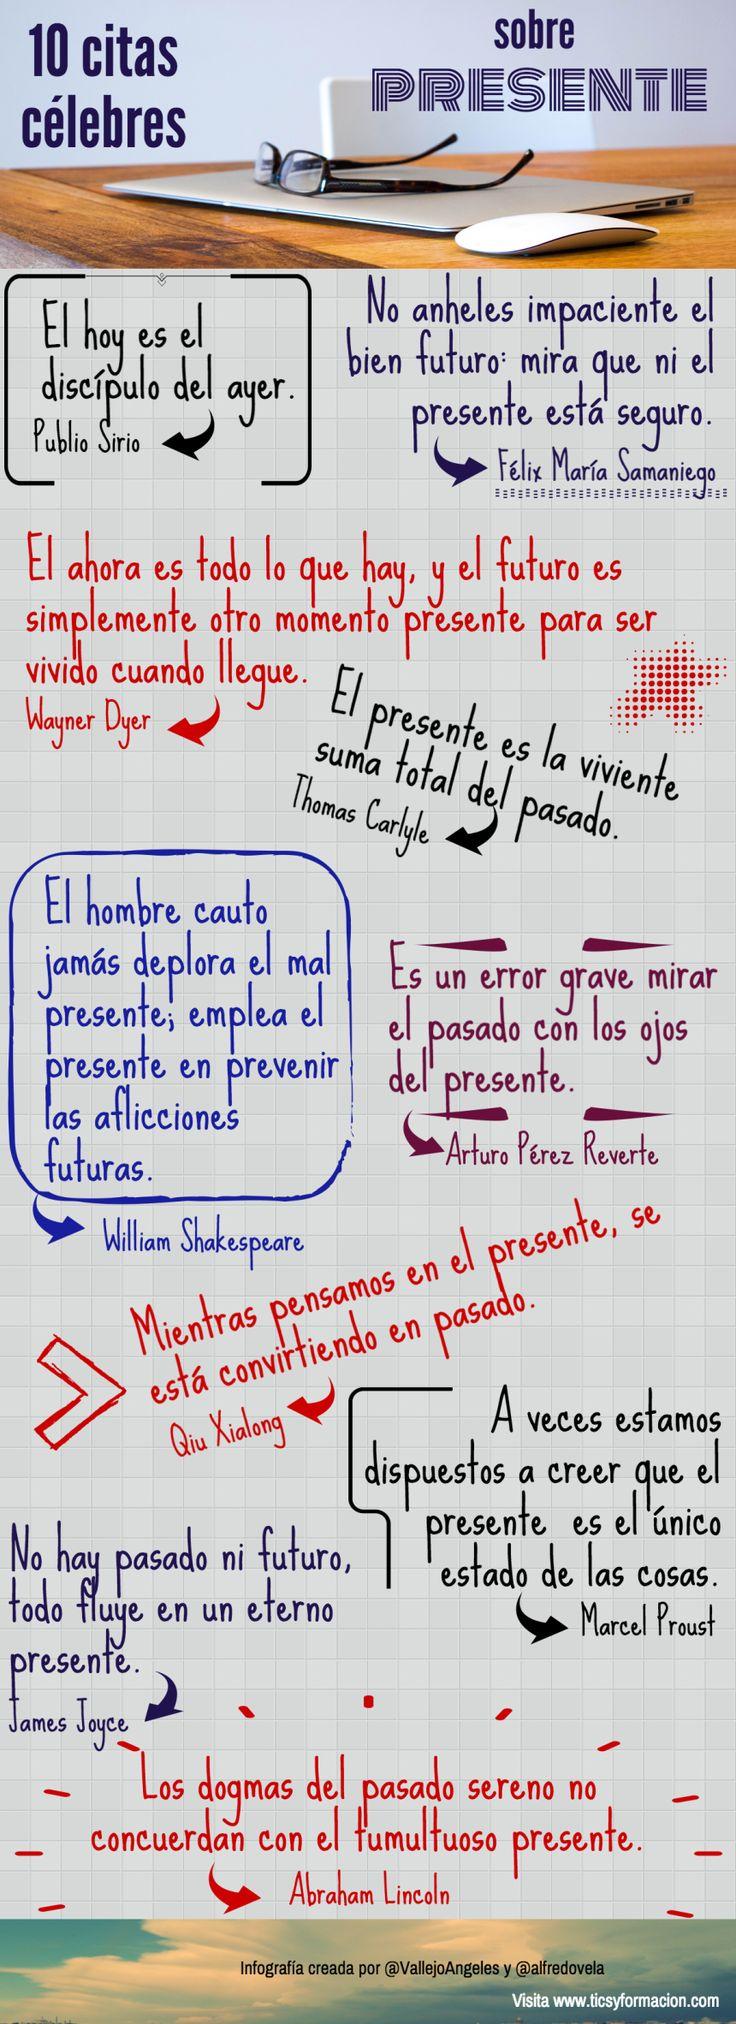 10 citas célebres sobre el Presente  Ideas Desarrollo Personal para www.masymejor.com